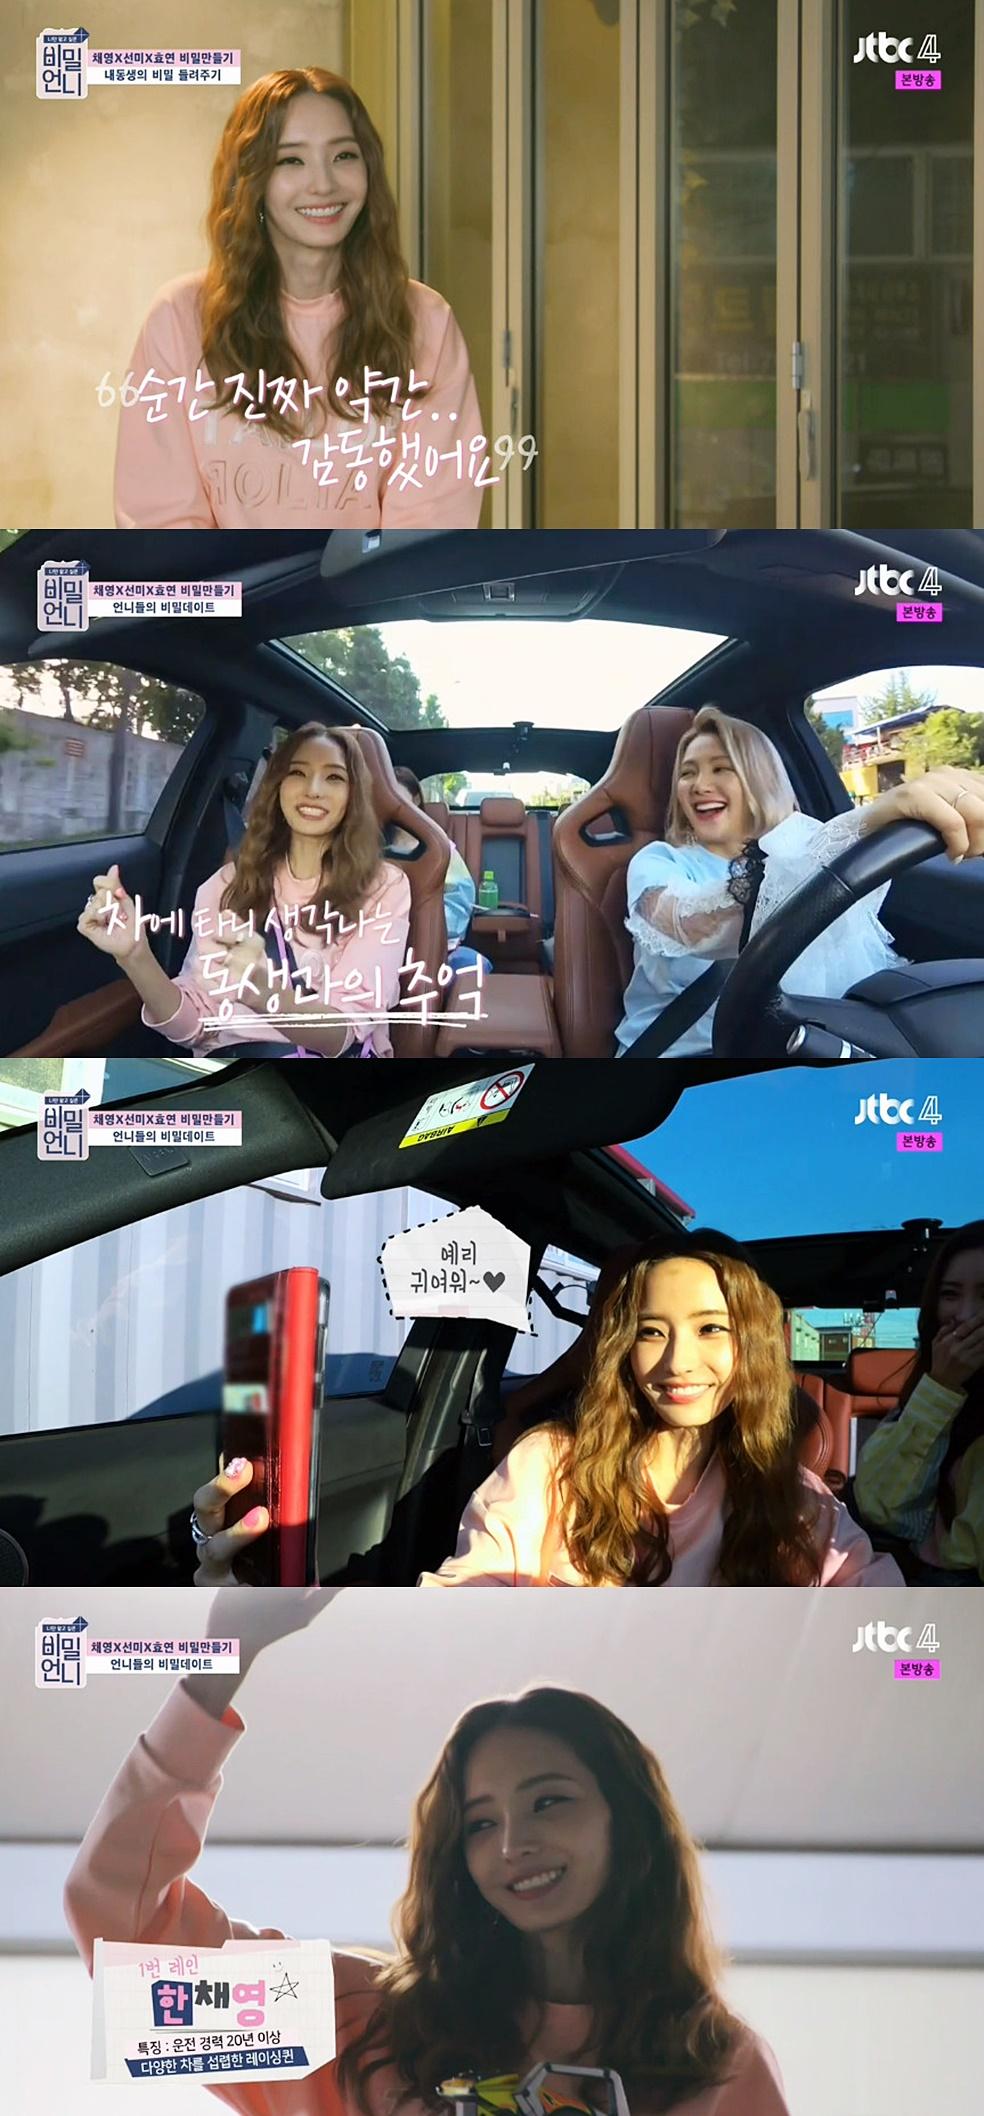 '비밀언니' 한채영, 언니들과의 특별 회동서 예리 이야기에 미소 '동생 바보' 등극